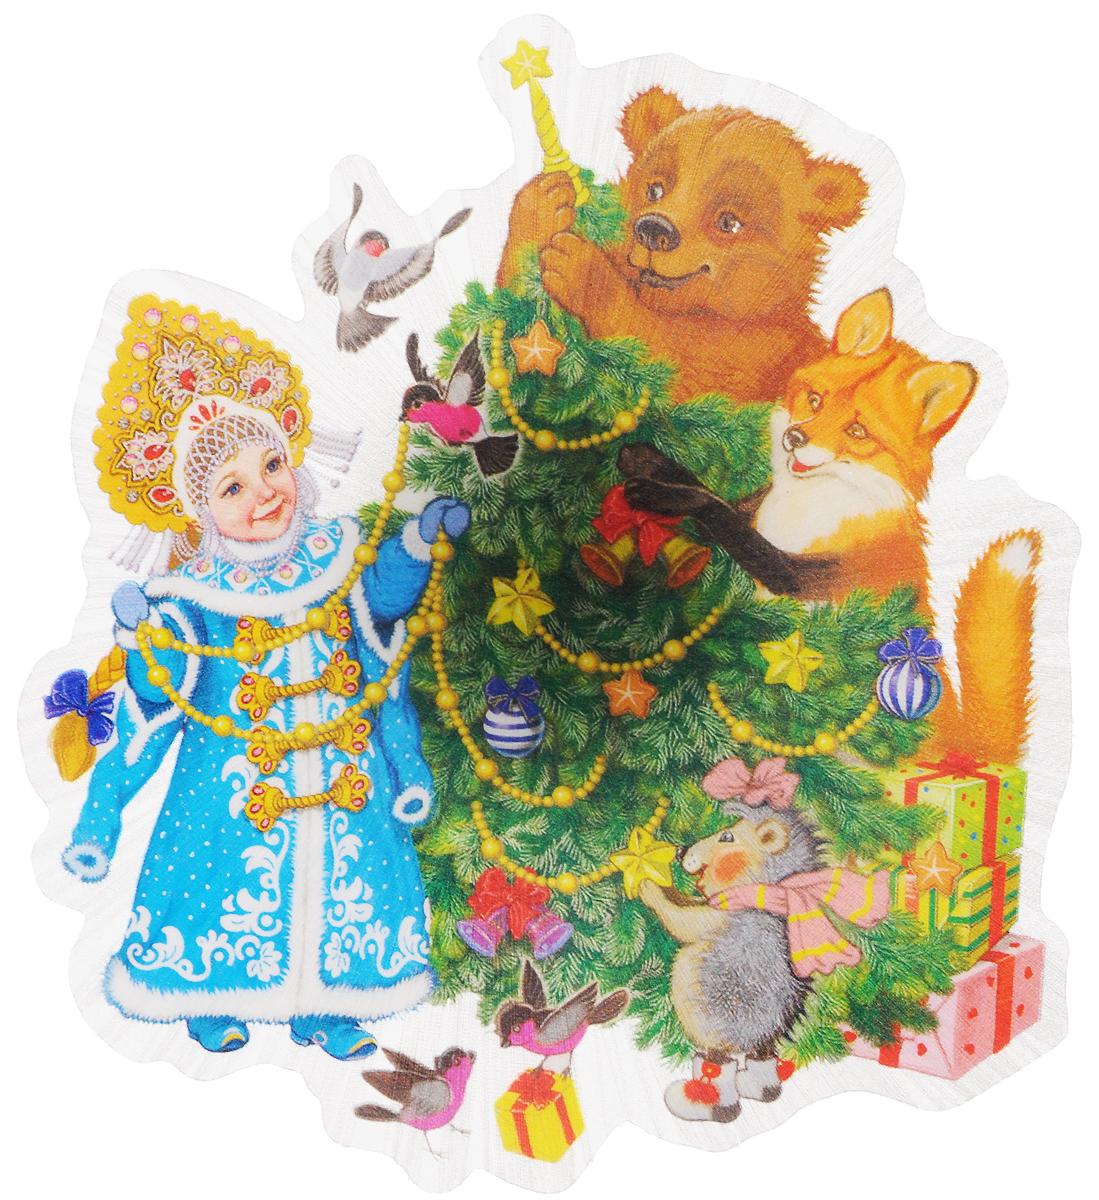 Украшение новогоднее Magic Time Снегурочка и зверята, со светодиодной подсветкой, 11,5 x 11,5 x 3 смMB860Новогоднее украшение Magic Time Снегурочка и зверята выполнено из поливинилхлорида. Украшение представляет собой пластиковую картину с изображением снегурочки и лесных зверей. С помощью присоски украшение можно прикрепить на любое понравившееся вам место. Изделие оснащено светодиодной подсветкой. В комплекте предоставлен элемент питания CR2032 (мощность 0,06 Вт, напряжение 3 В)Новогоднее украшение Magic Time Снегурочка и зверята несет в себе волшебство и красоту праздника. Создайте в своем доме атмосферу веселья и радости, с помощью игрушек, которые будут из года в год накапливать теплоту воспоминаний.Материал: поливинилхлорид.Размер: 11,5 х 11,5 х 3 см.